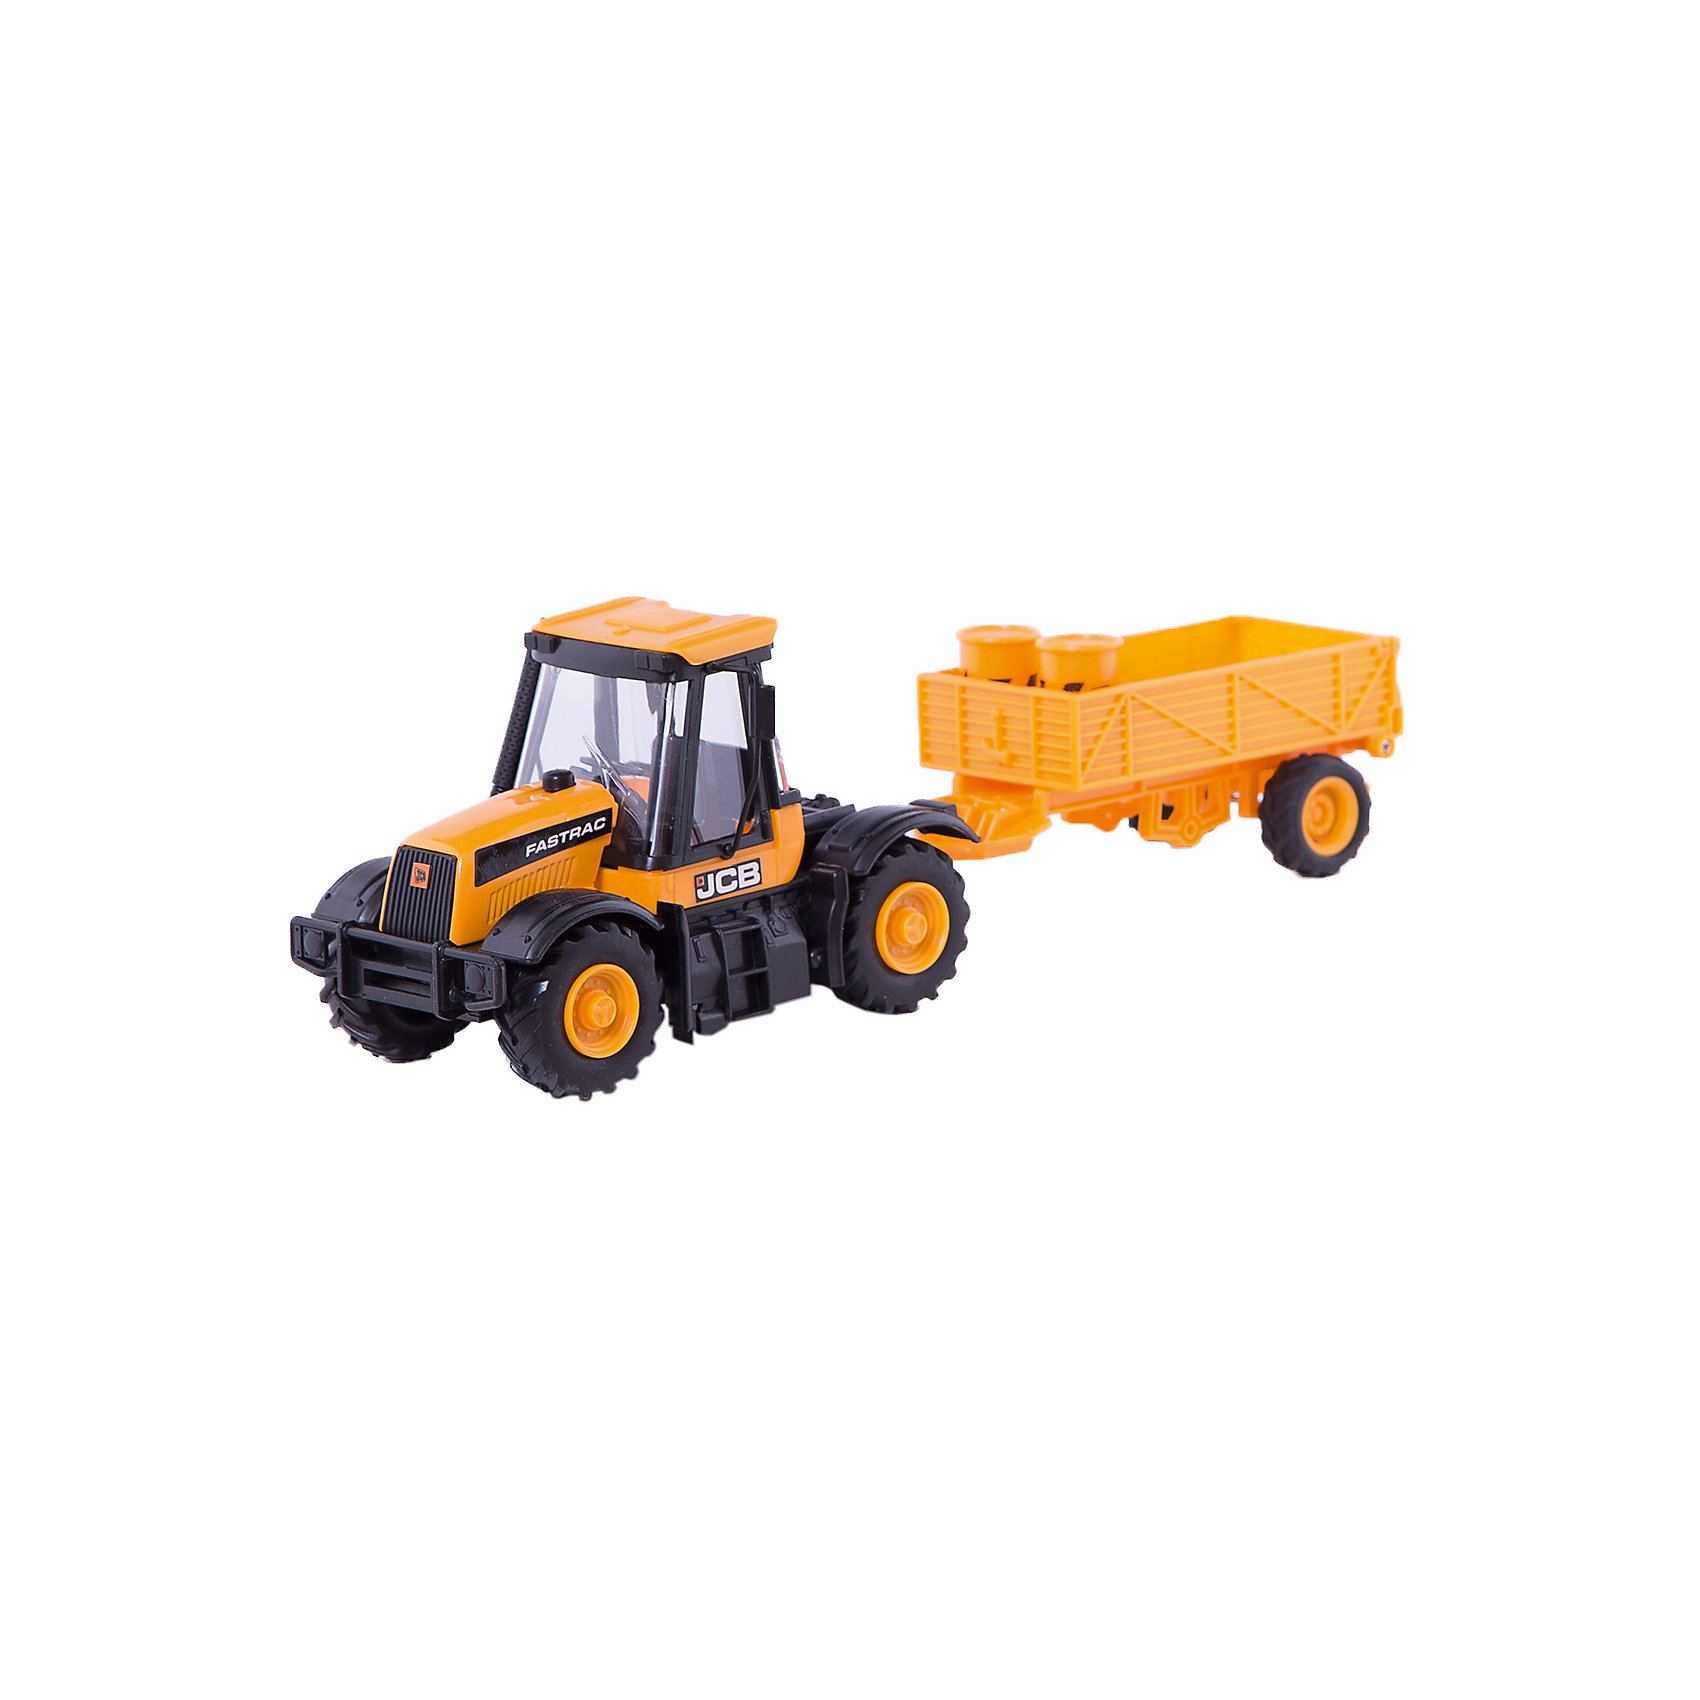 Трактор 1:32, JCBМашинки<br>Трактор, JCB - это уменьшенная модель настоящей строительной техники от компании JCB, выполненная в высоком качестве и с большим вниманием к деталям. В этой модели есть все основные функции, которыми обладает реальная машина. Трактор оснащен просторной застекленной кабиной с сиденьем водителя. Дополнительные детали, такие как лесенка в кабину, дворники на стекле, зеркало заднего вида, придают машине особую реалистичность. Съемный прицеп сзади можно заполнять песком или мелкими предметам, что делает игрушку особенно интересной для игр на улице. Мощные прорезиненные колеса обеспечивают прочное сцепление с поверхностью и уберегает напольное покрытие от царапин. Трактор изготовлен из высококачественной прочной пластмассы, ребенок сможет ещё дольше играть с ним, не боясь поломок.<br><br>Дополнительная информация:<br><br>- Материал: высококачественный пластик.<br>- Масштаб 1:32.<br>- Размер игрушки: 27 х 10 х 8 см.<br>- Вес: 0,398 кг.<br><br>Трактор, JCB, можно купить в нашем интернет-магазине.<br><br>Ширина мм: 270<br>Глубина мм: 100<br>Высота мм: 80<br>Вес г: 398<br>Возраст от месяцев: 36<br>Возраст до месяцев: 96<br>Пол: Мужской<br>Возраст: Детский<br>SKU: 4244447